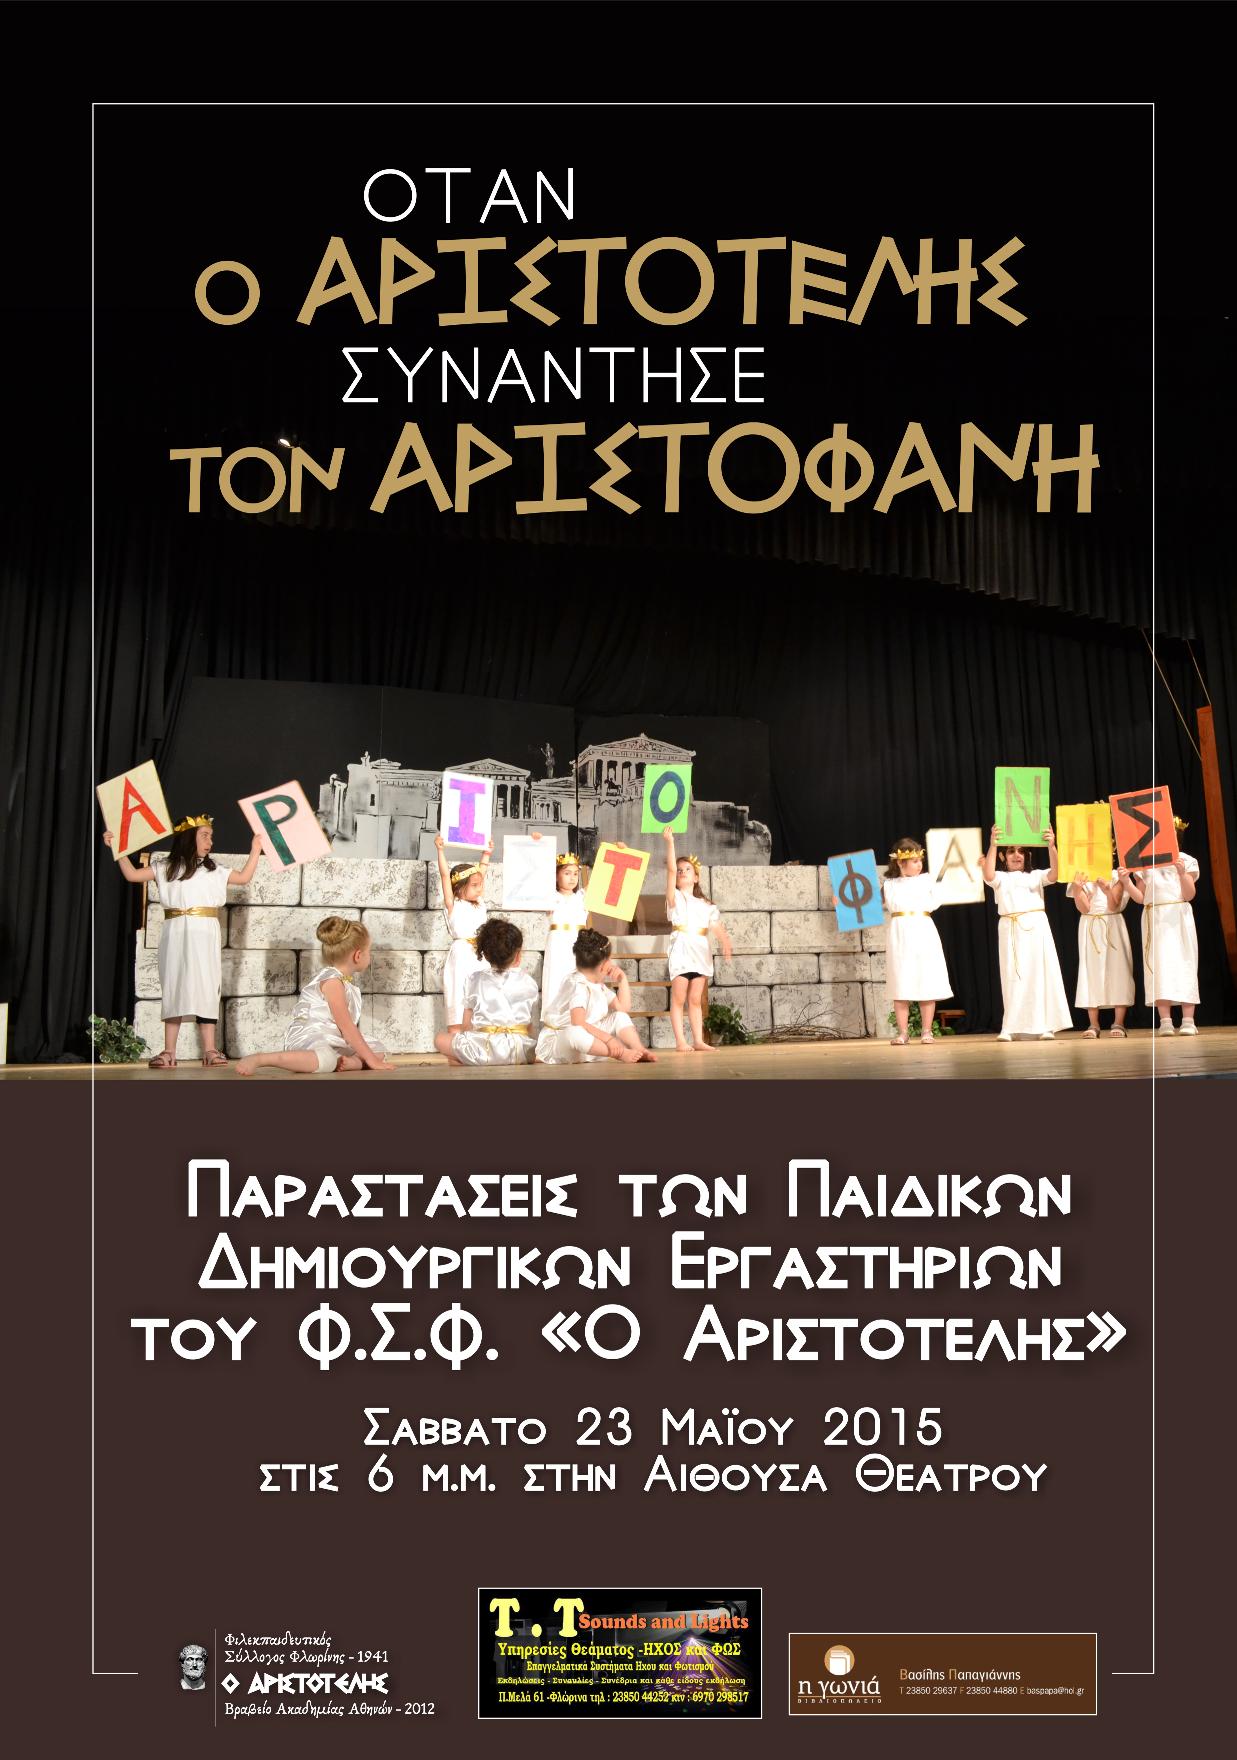 ΘΕΑΤΡΙΚΟ ΑΡΙΣΤΟΦΑΝΗ_Β3